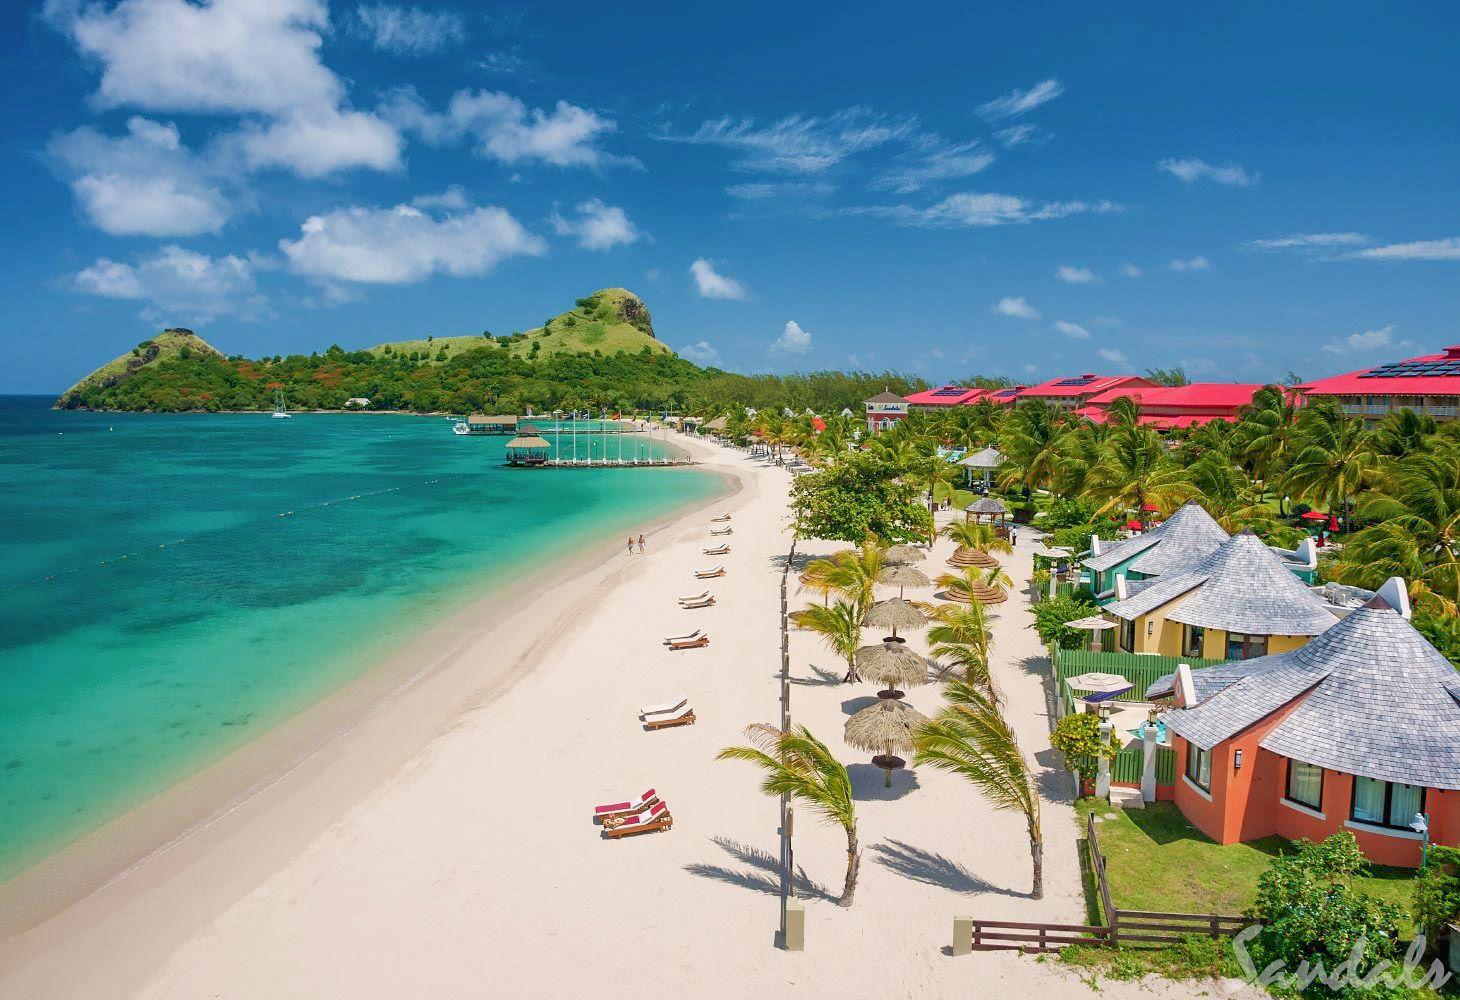 sandals grande saint lucian beach resort